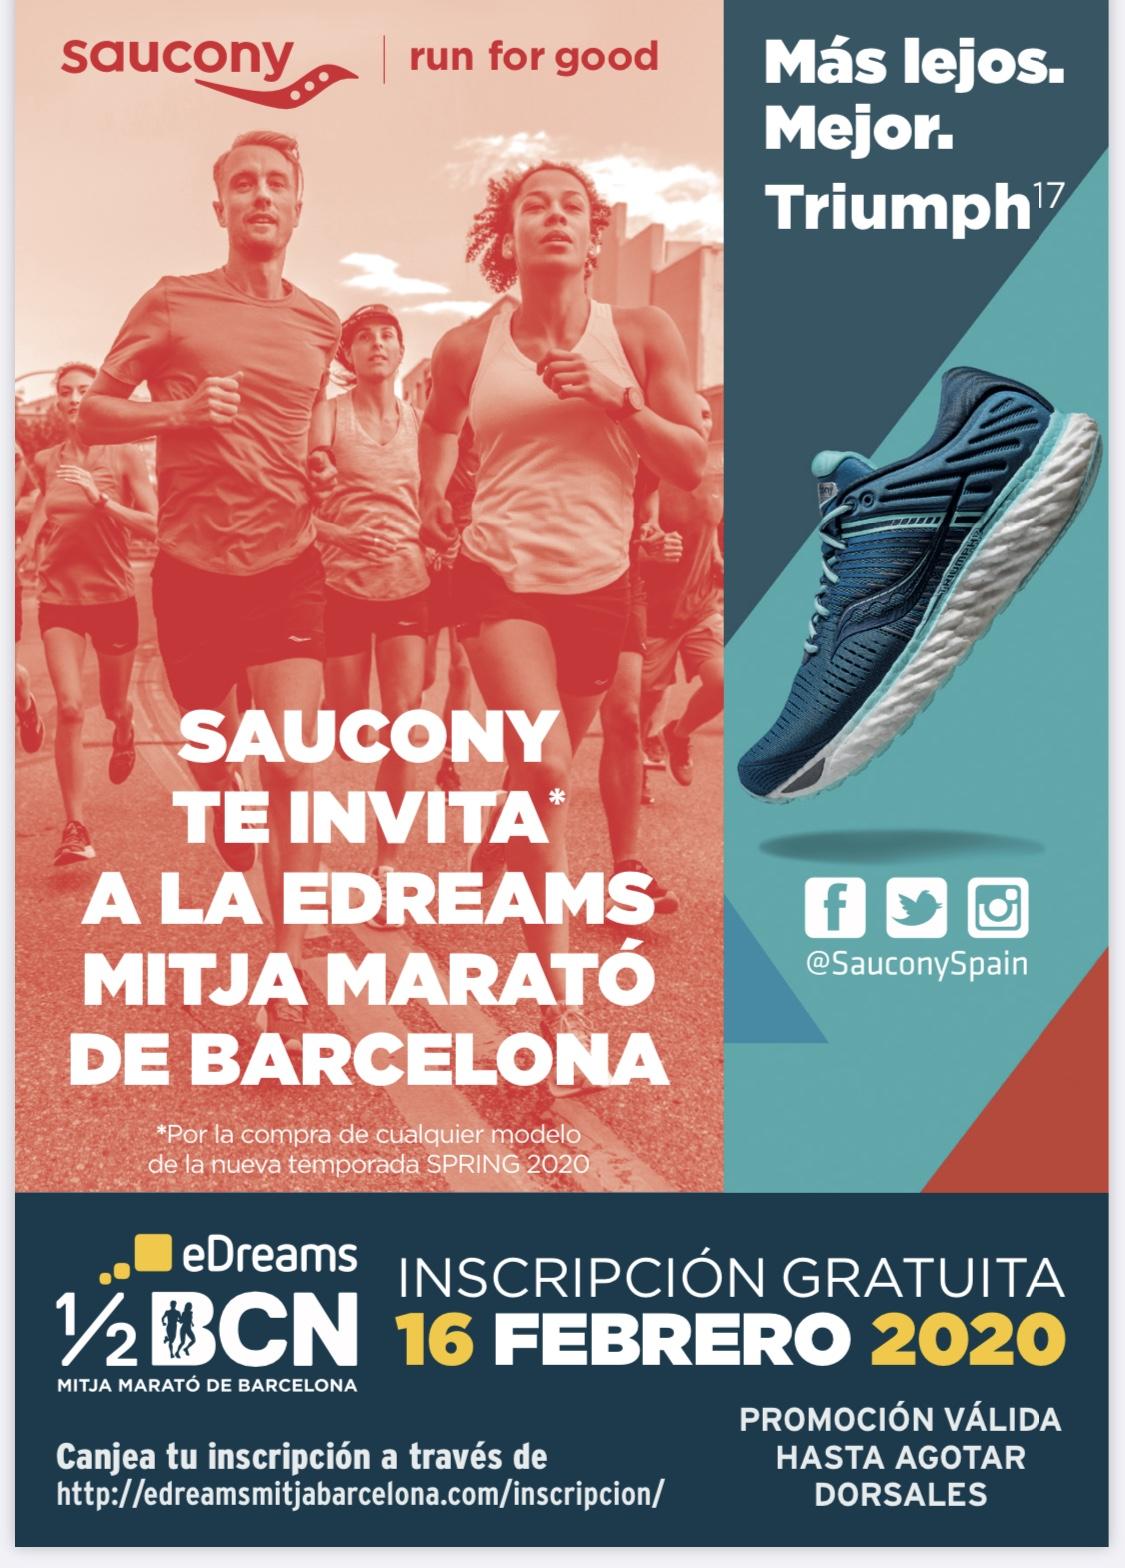 Dorsal gratis para Media Maratón de Barcelona